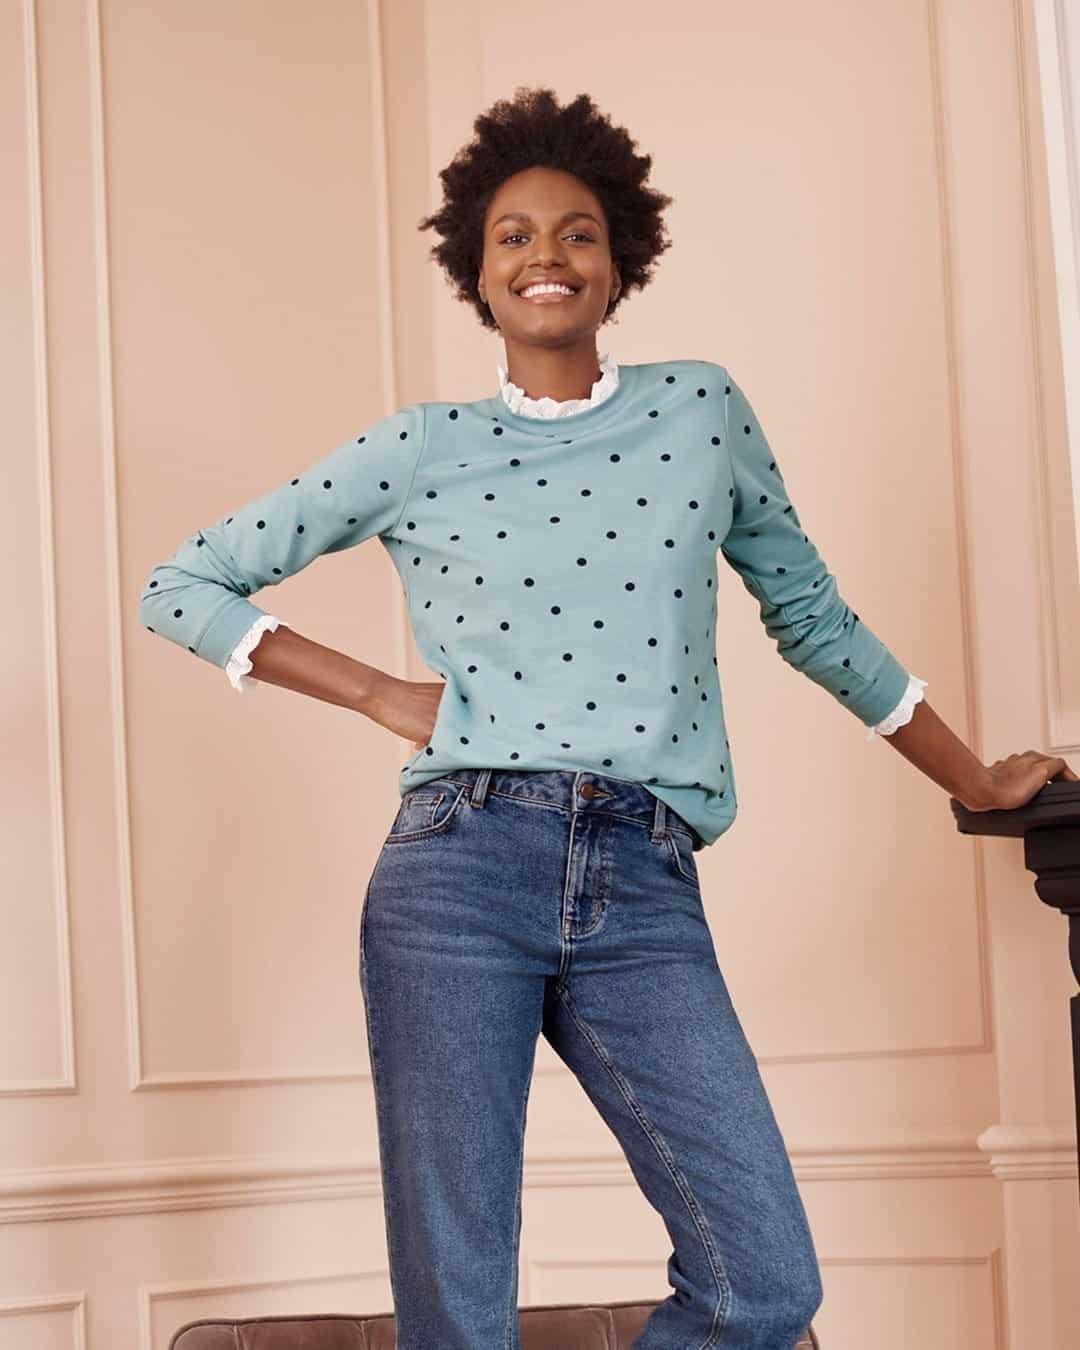 Woman in polka dot sweatshirt